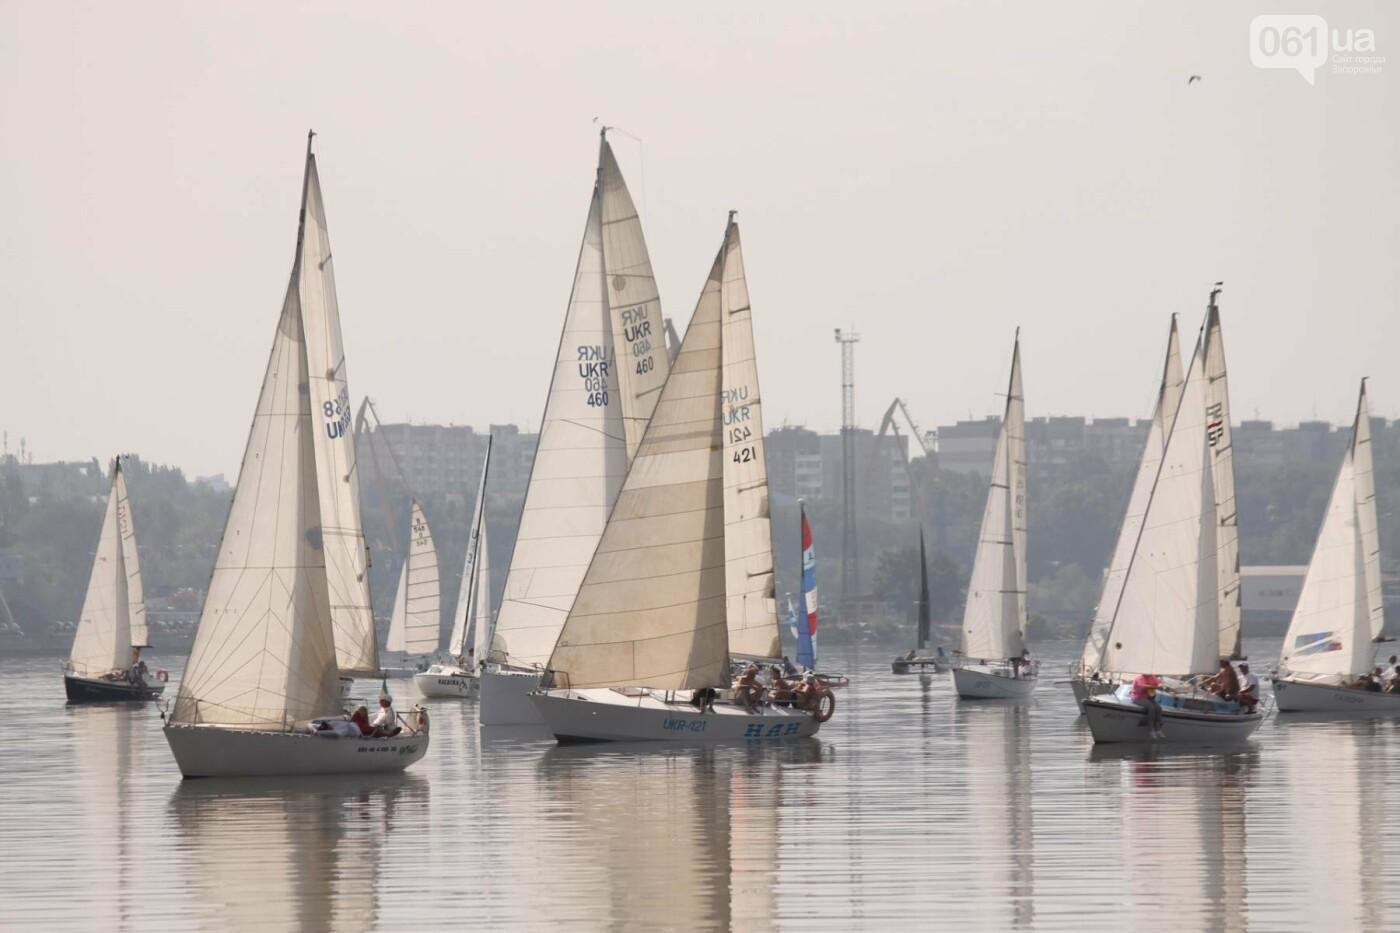 Сотни спортсменов и десятки яхт: как в Запорожье проходит парусная регата, – ФОТОРЕПОРТАЖ, фото-5